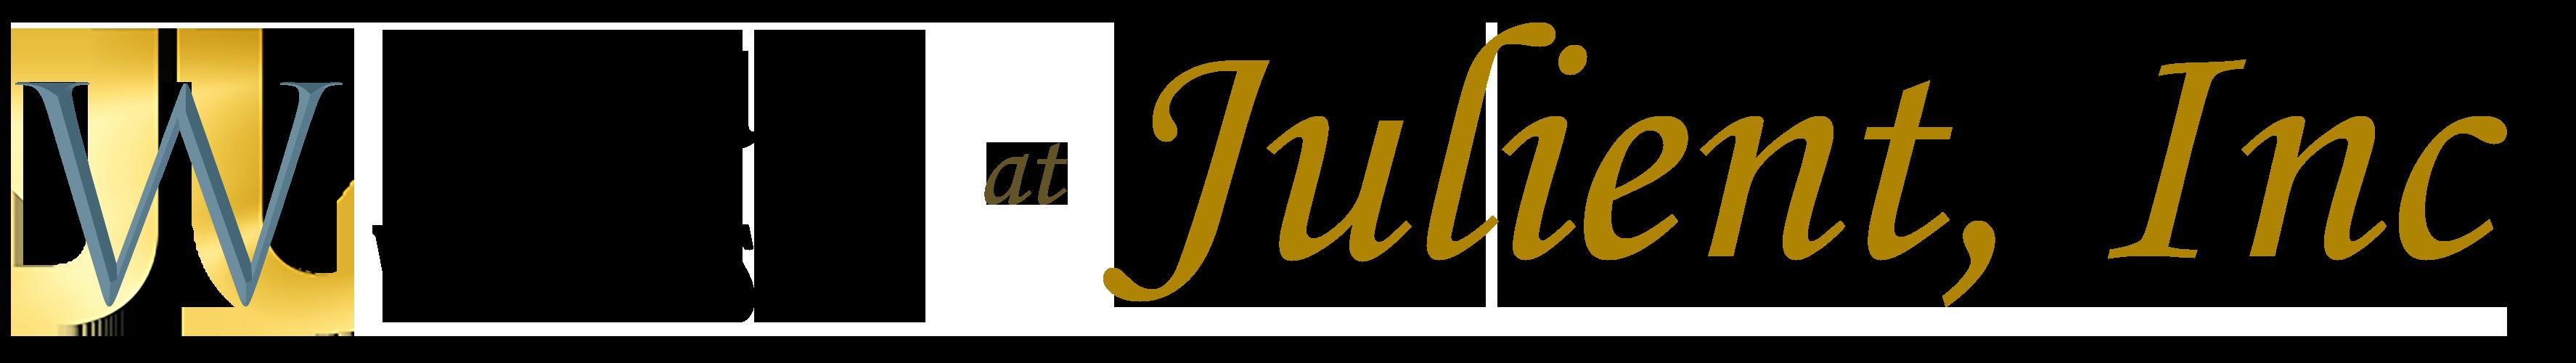 Itatous Wholesale @ Julient, Inc